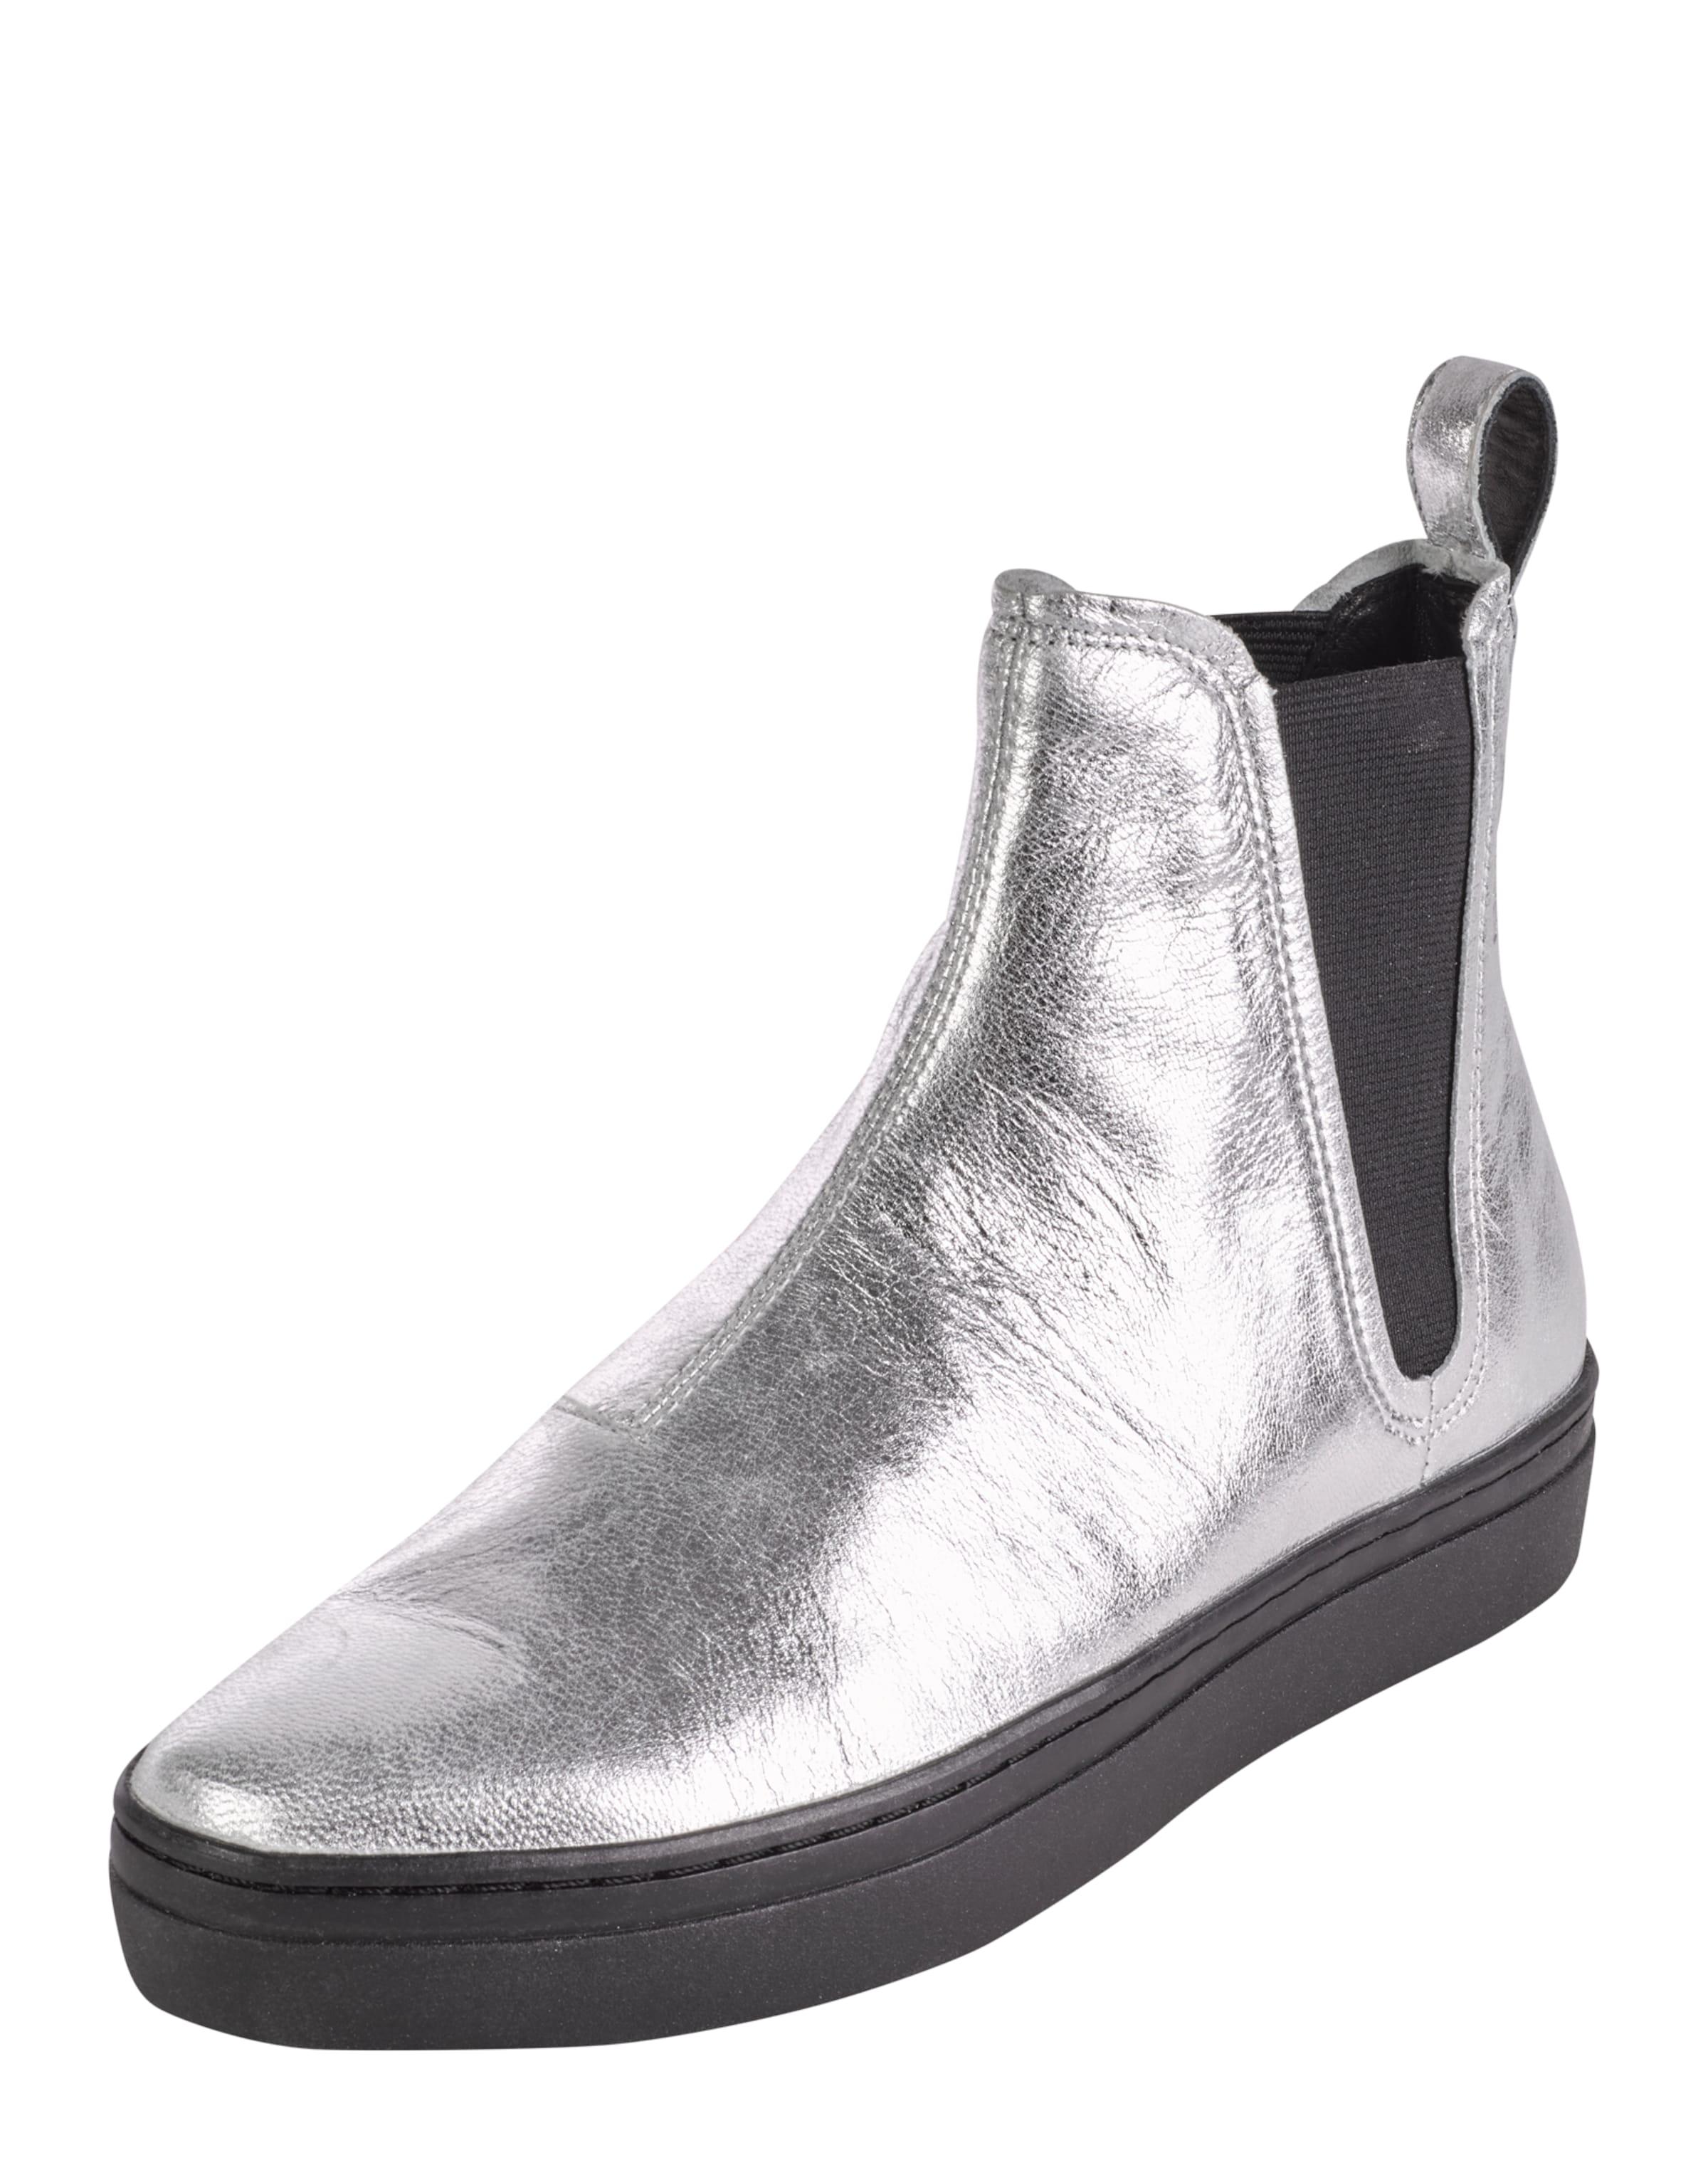 VAGABOND SHOEMAKERS Sneaker Camille Verschleißfeste billige Schuhe